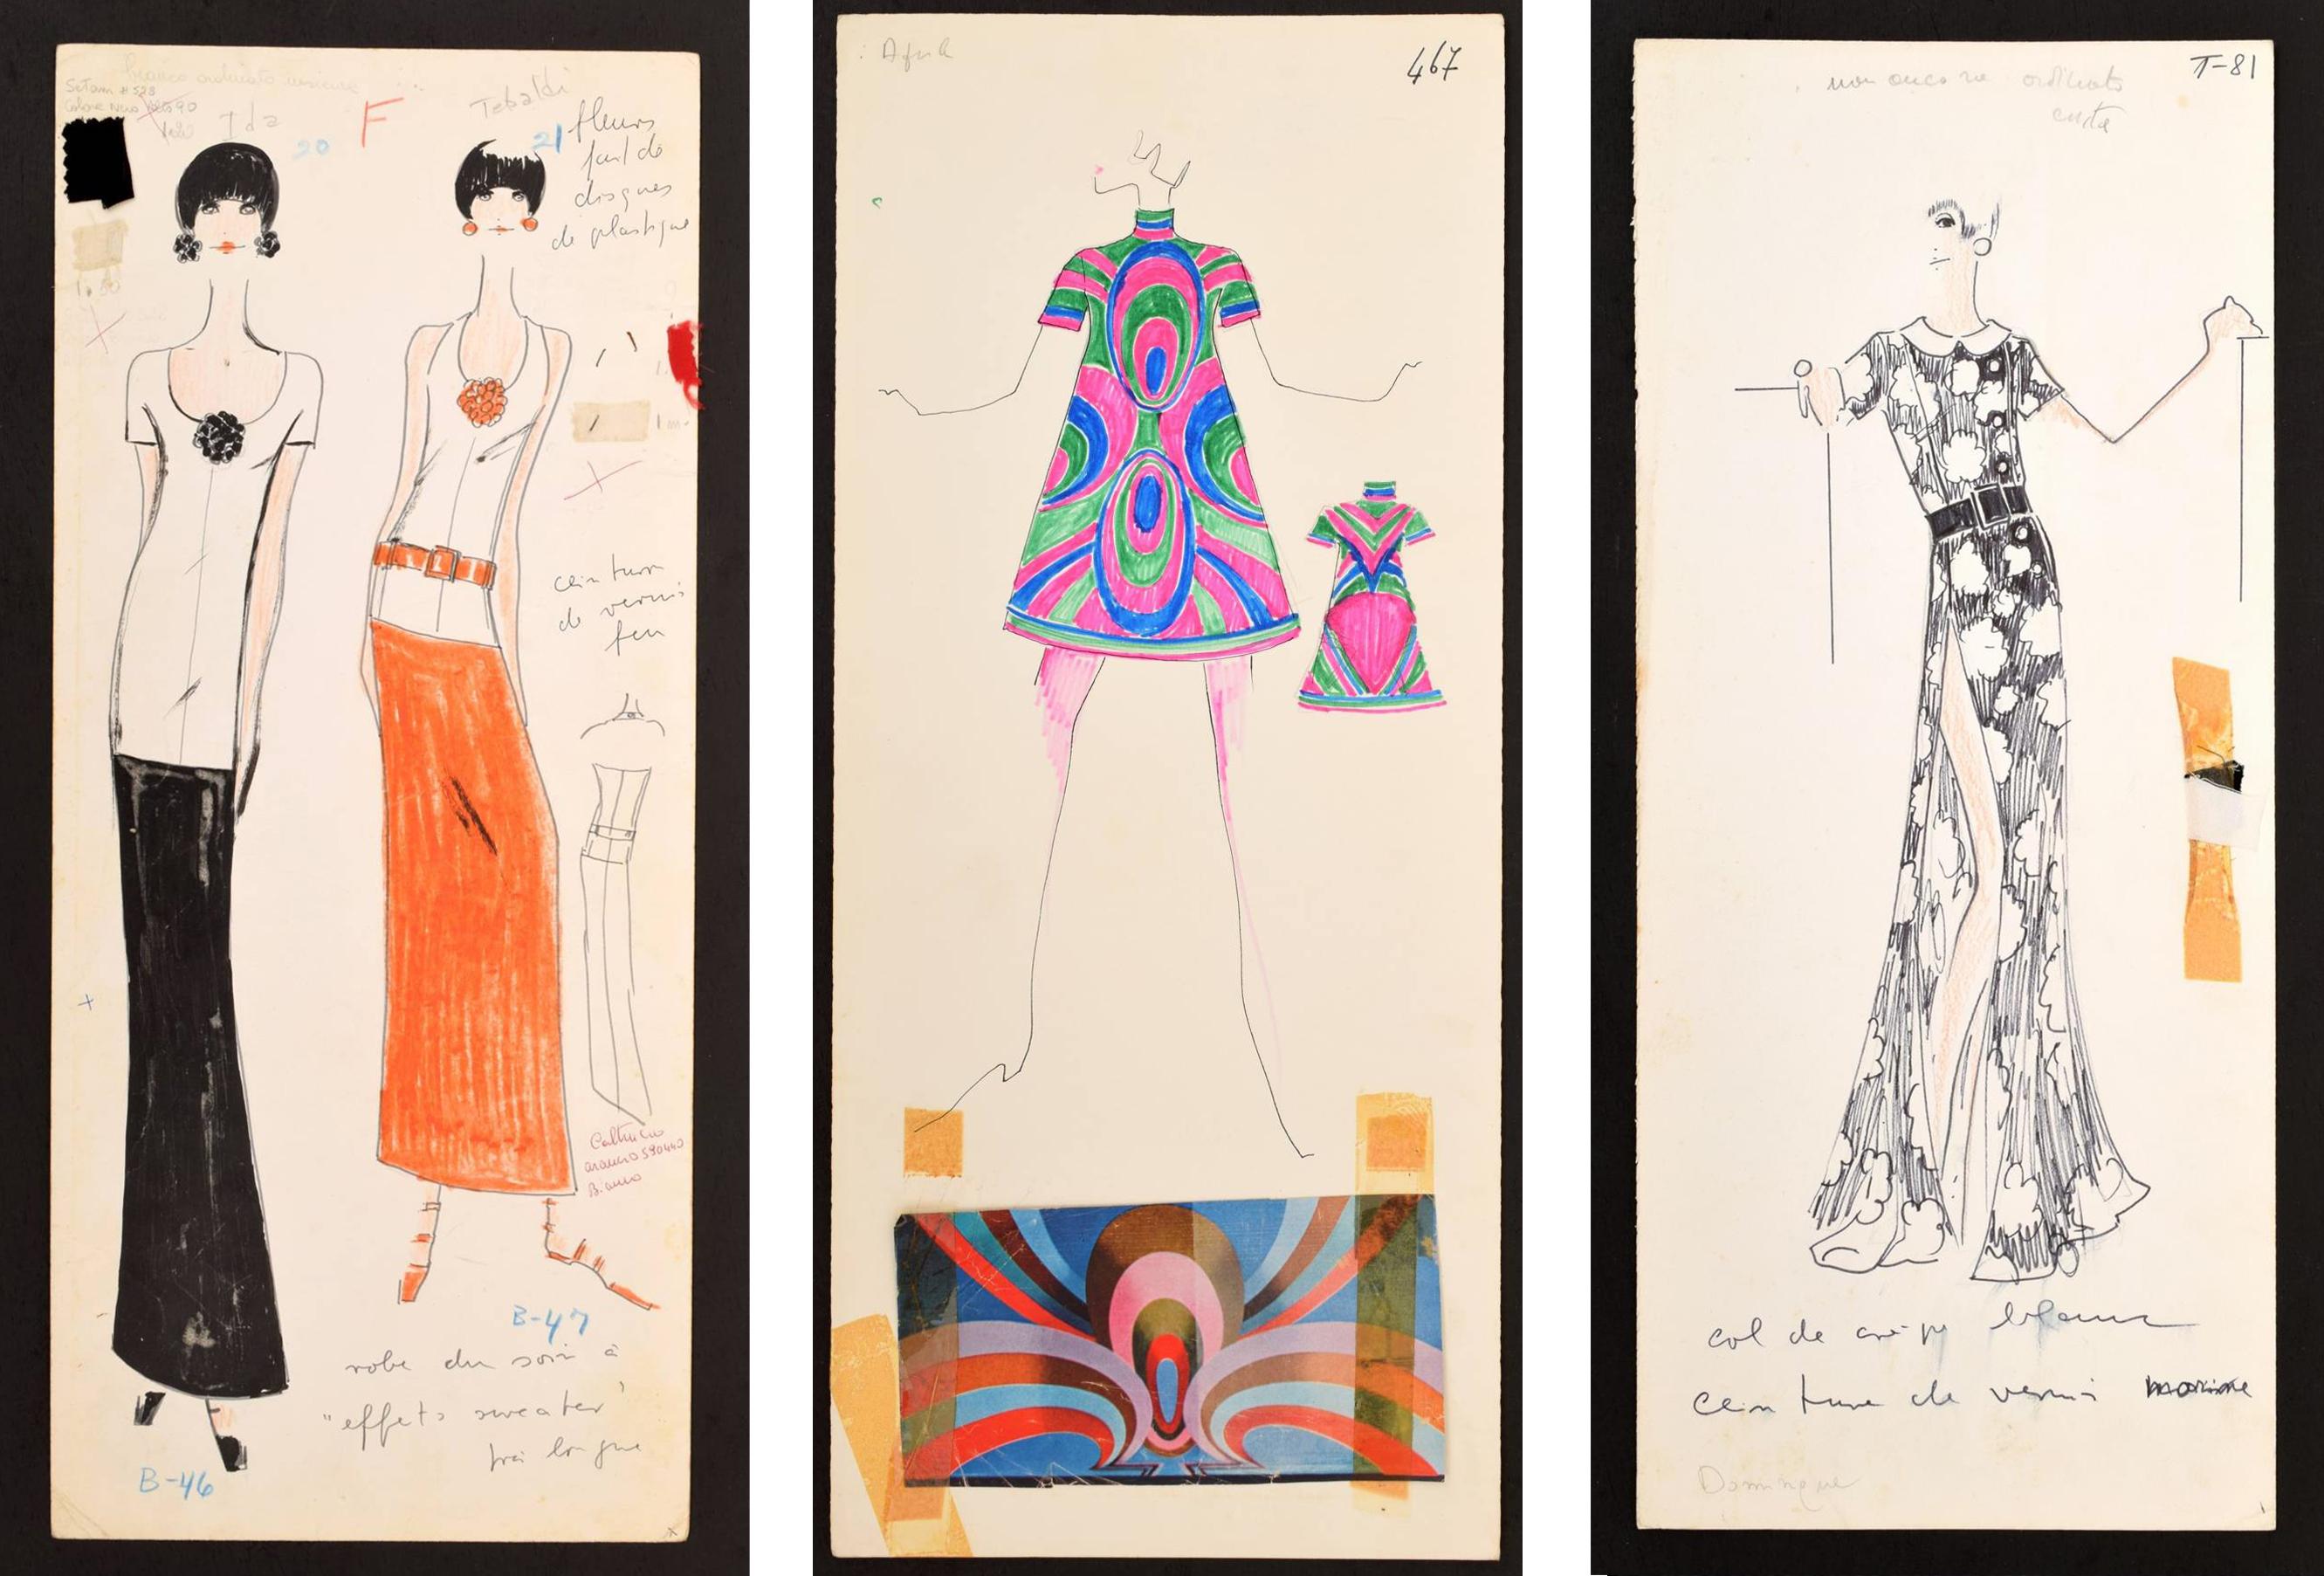 Images © Palm Beach Auctions / Urban Culture Auctions